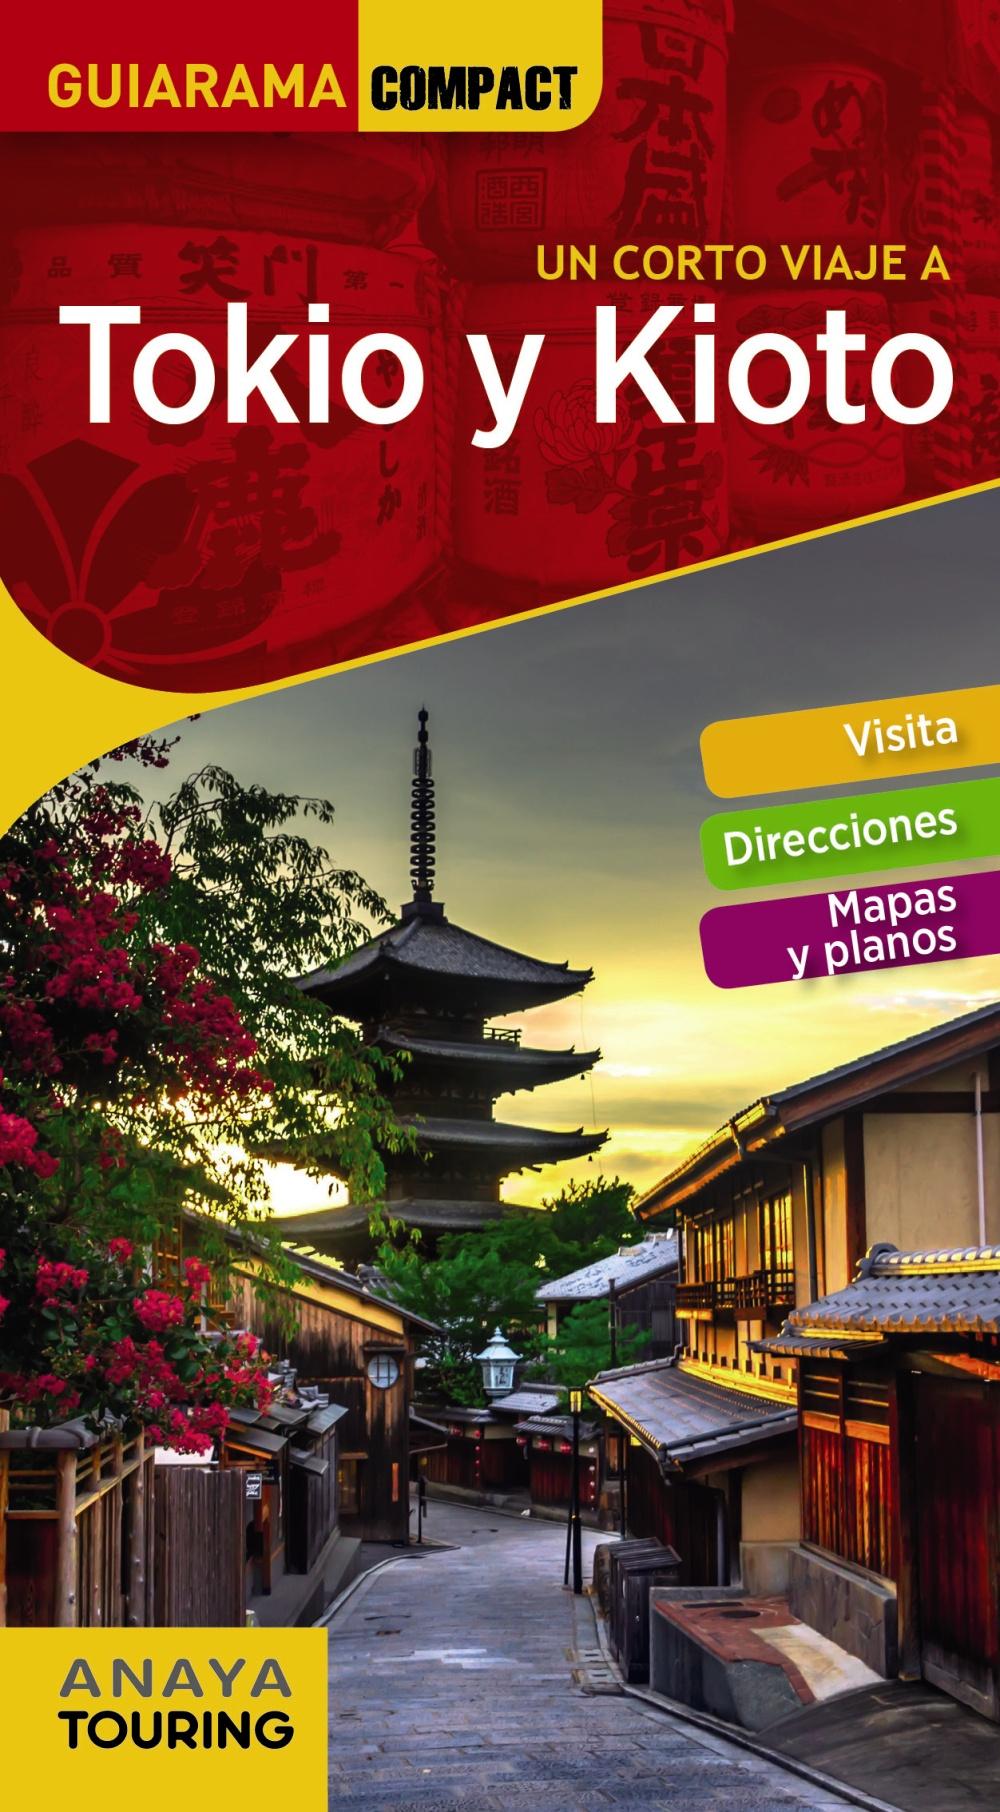 un corto viaje a tokio y kioto 2018 (guiarama compact) 7ª ed.-9788491581161